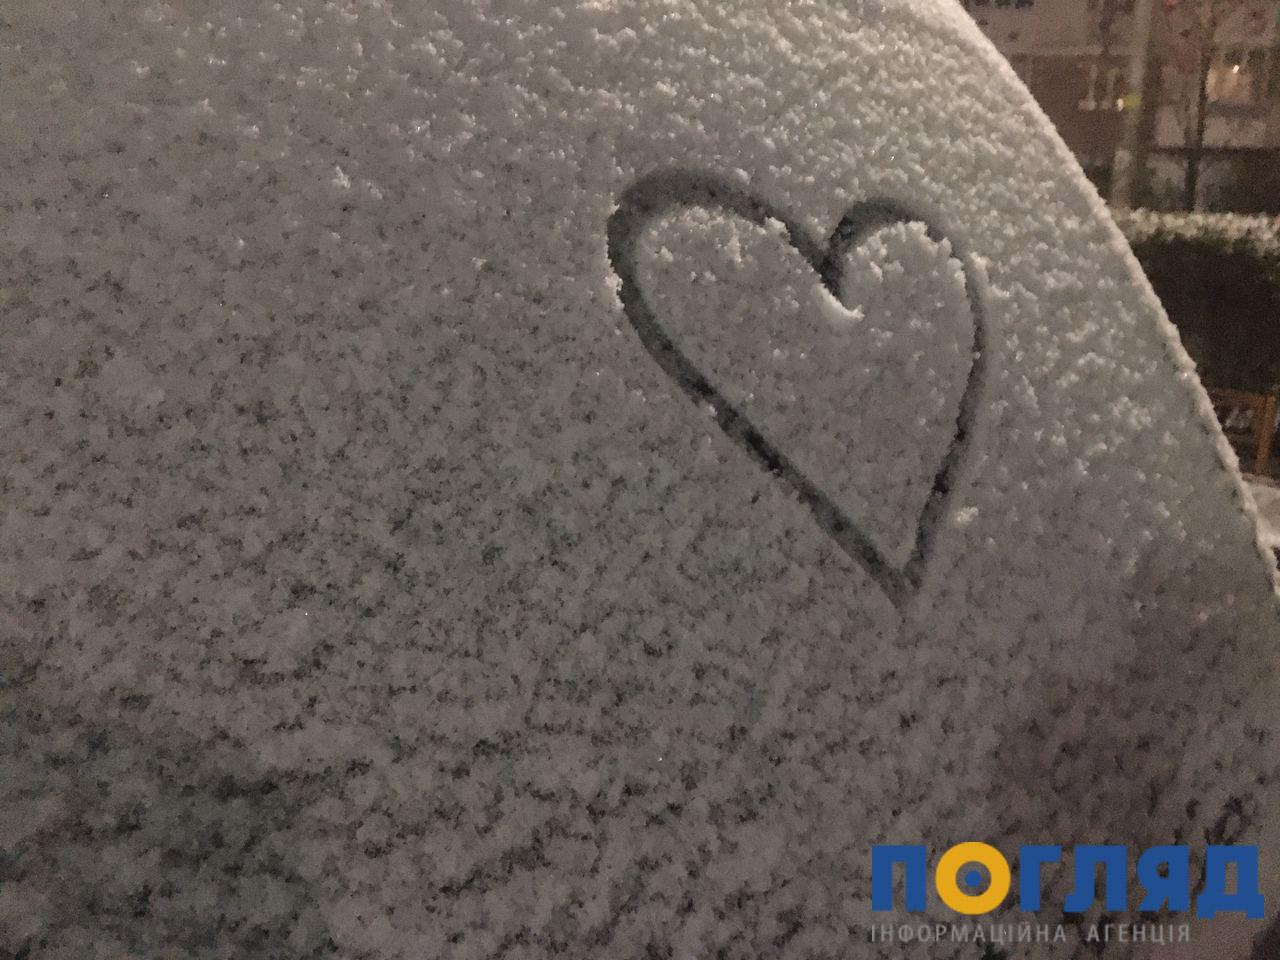 Засніжило: на Київщині випав перший сніг (ФОТО) - сніг, погода, перший сніг - 17 sneg bucha10